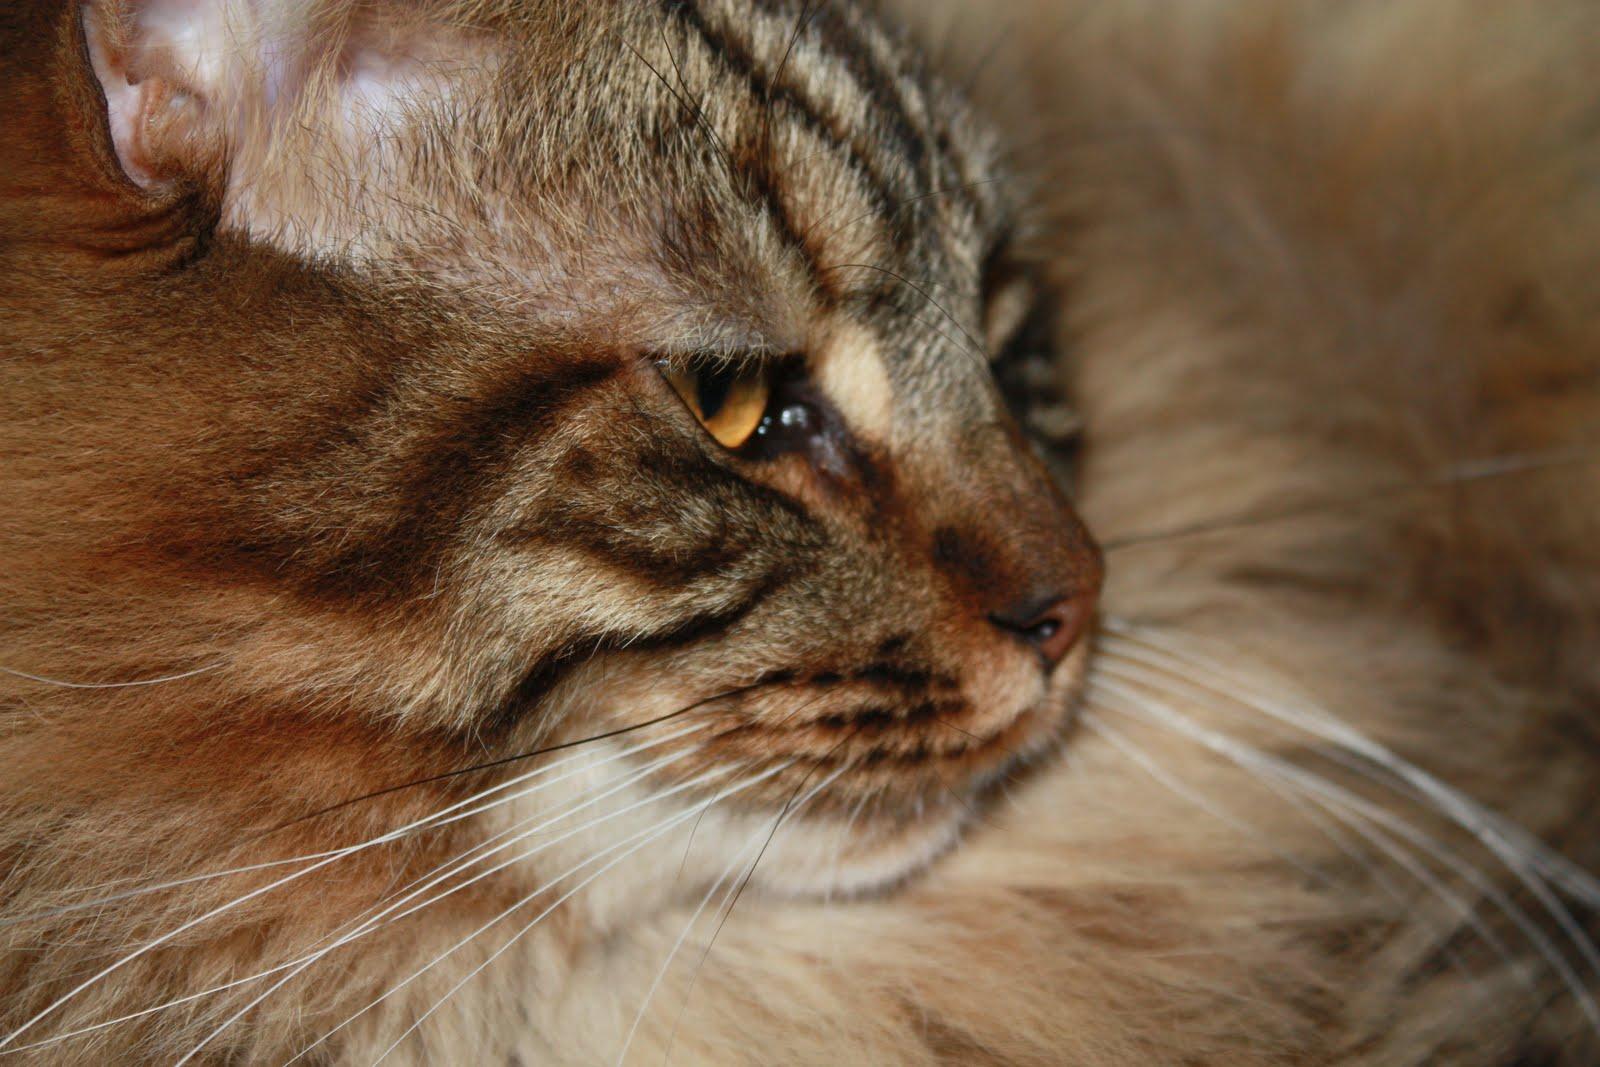 Cat essay writer